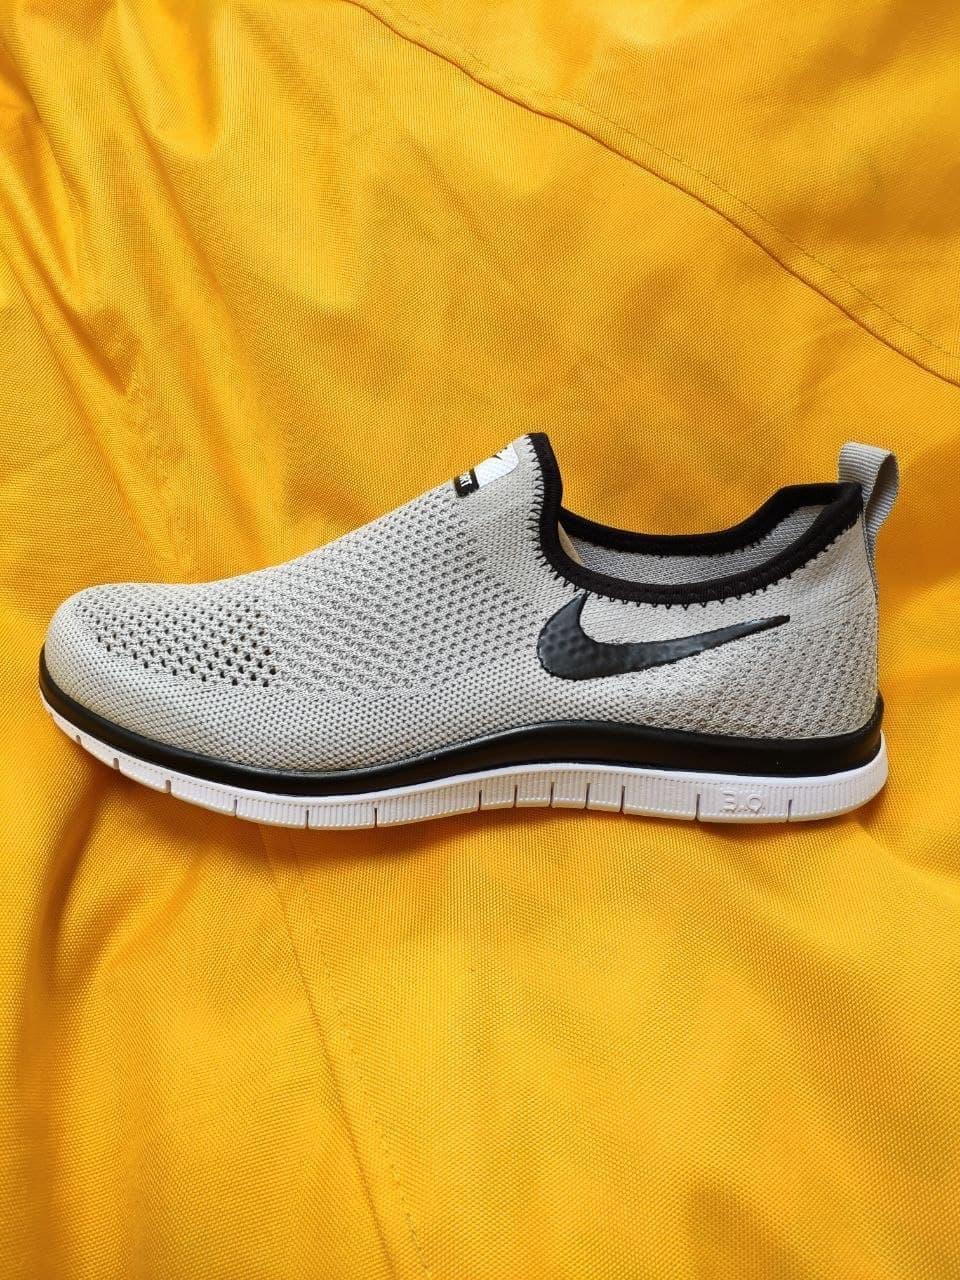 Мужские кроссовки Nike Free Run 3.0 без шнурков (серые) D101 стильная легкая обувь